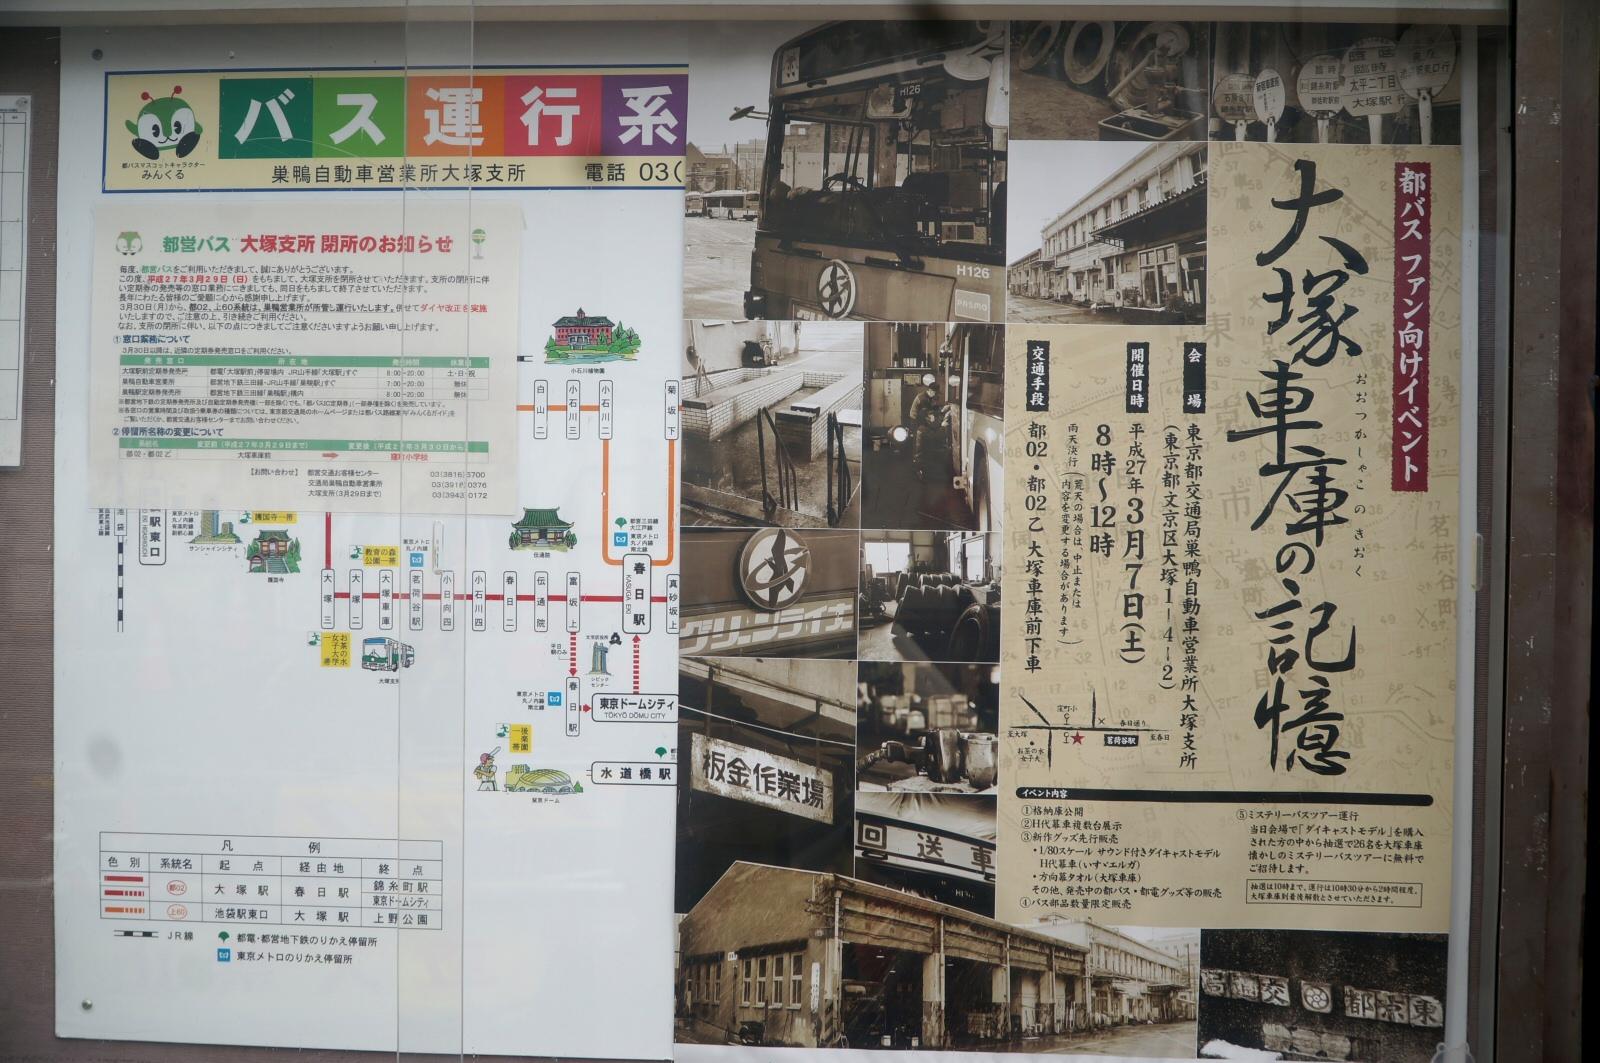 「大塚車庫の記憶」・ミステリーツアー開催